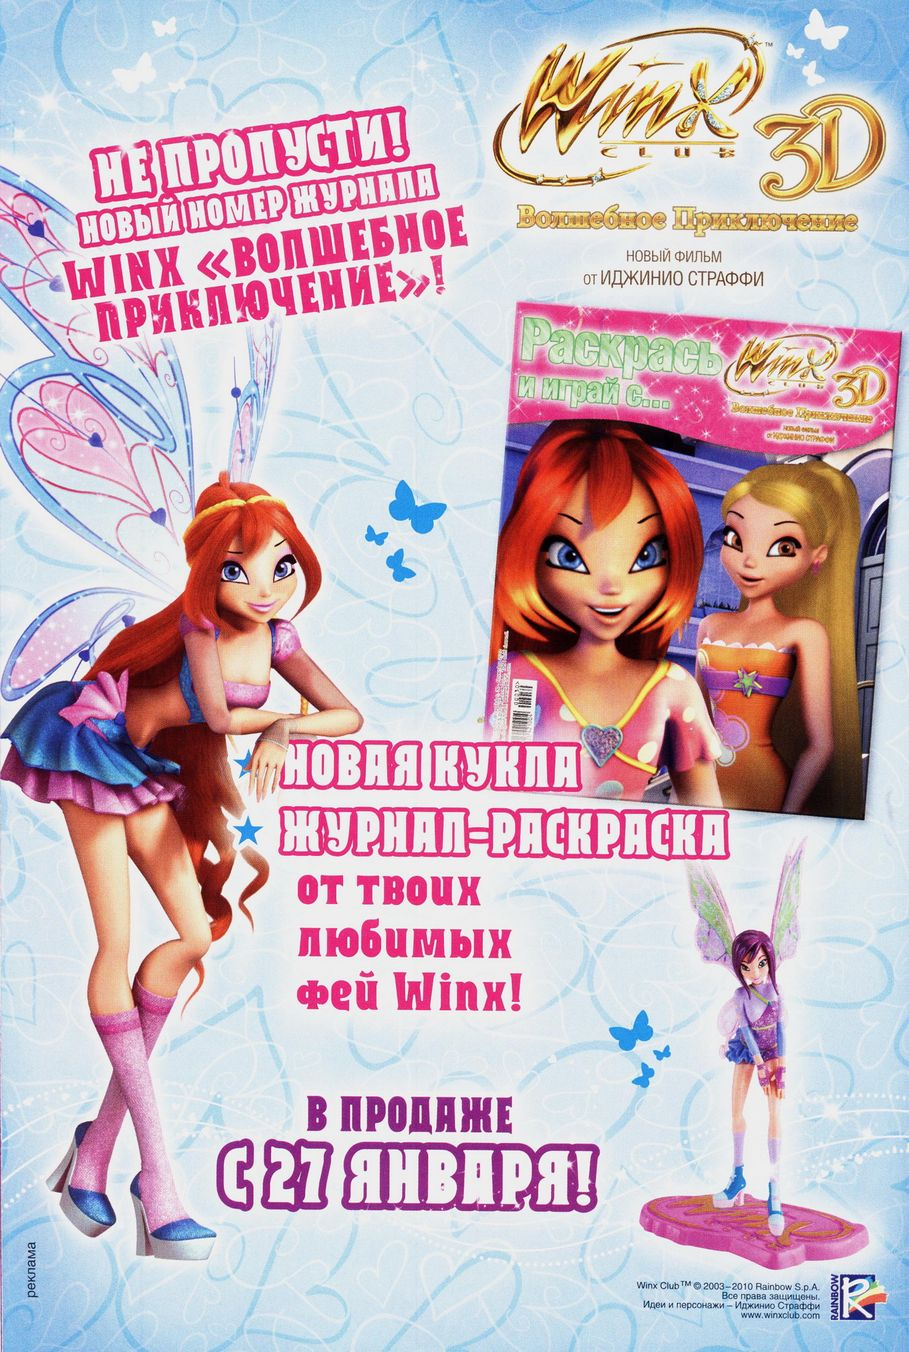 Комикс Винкс Winx - Любовь и долг (Журнал Винкс №2 2011) - стр. 14